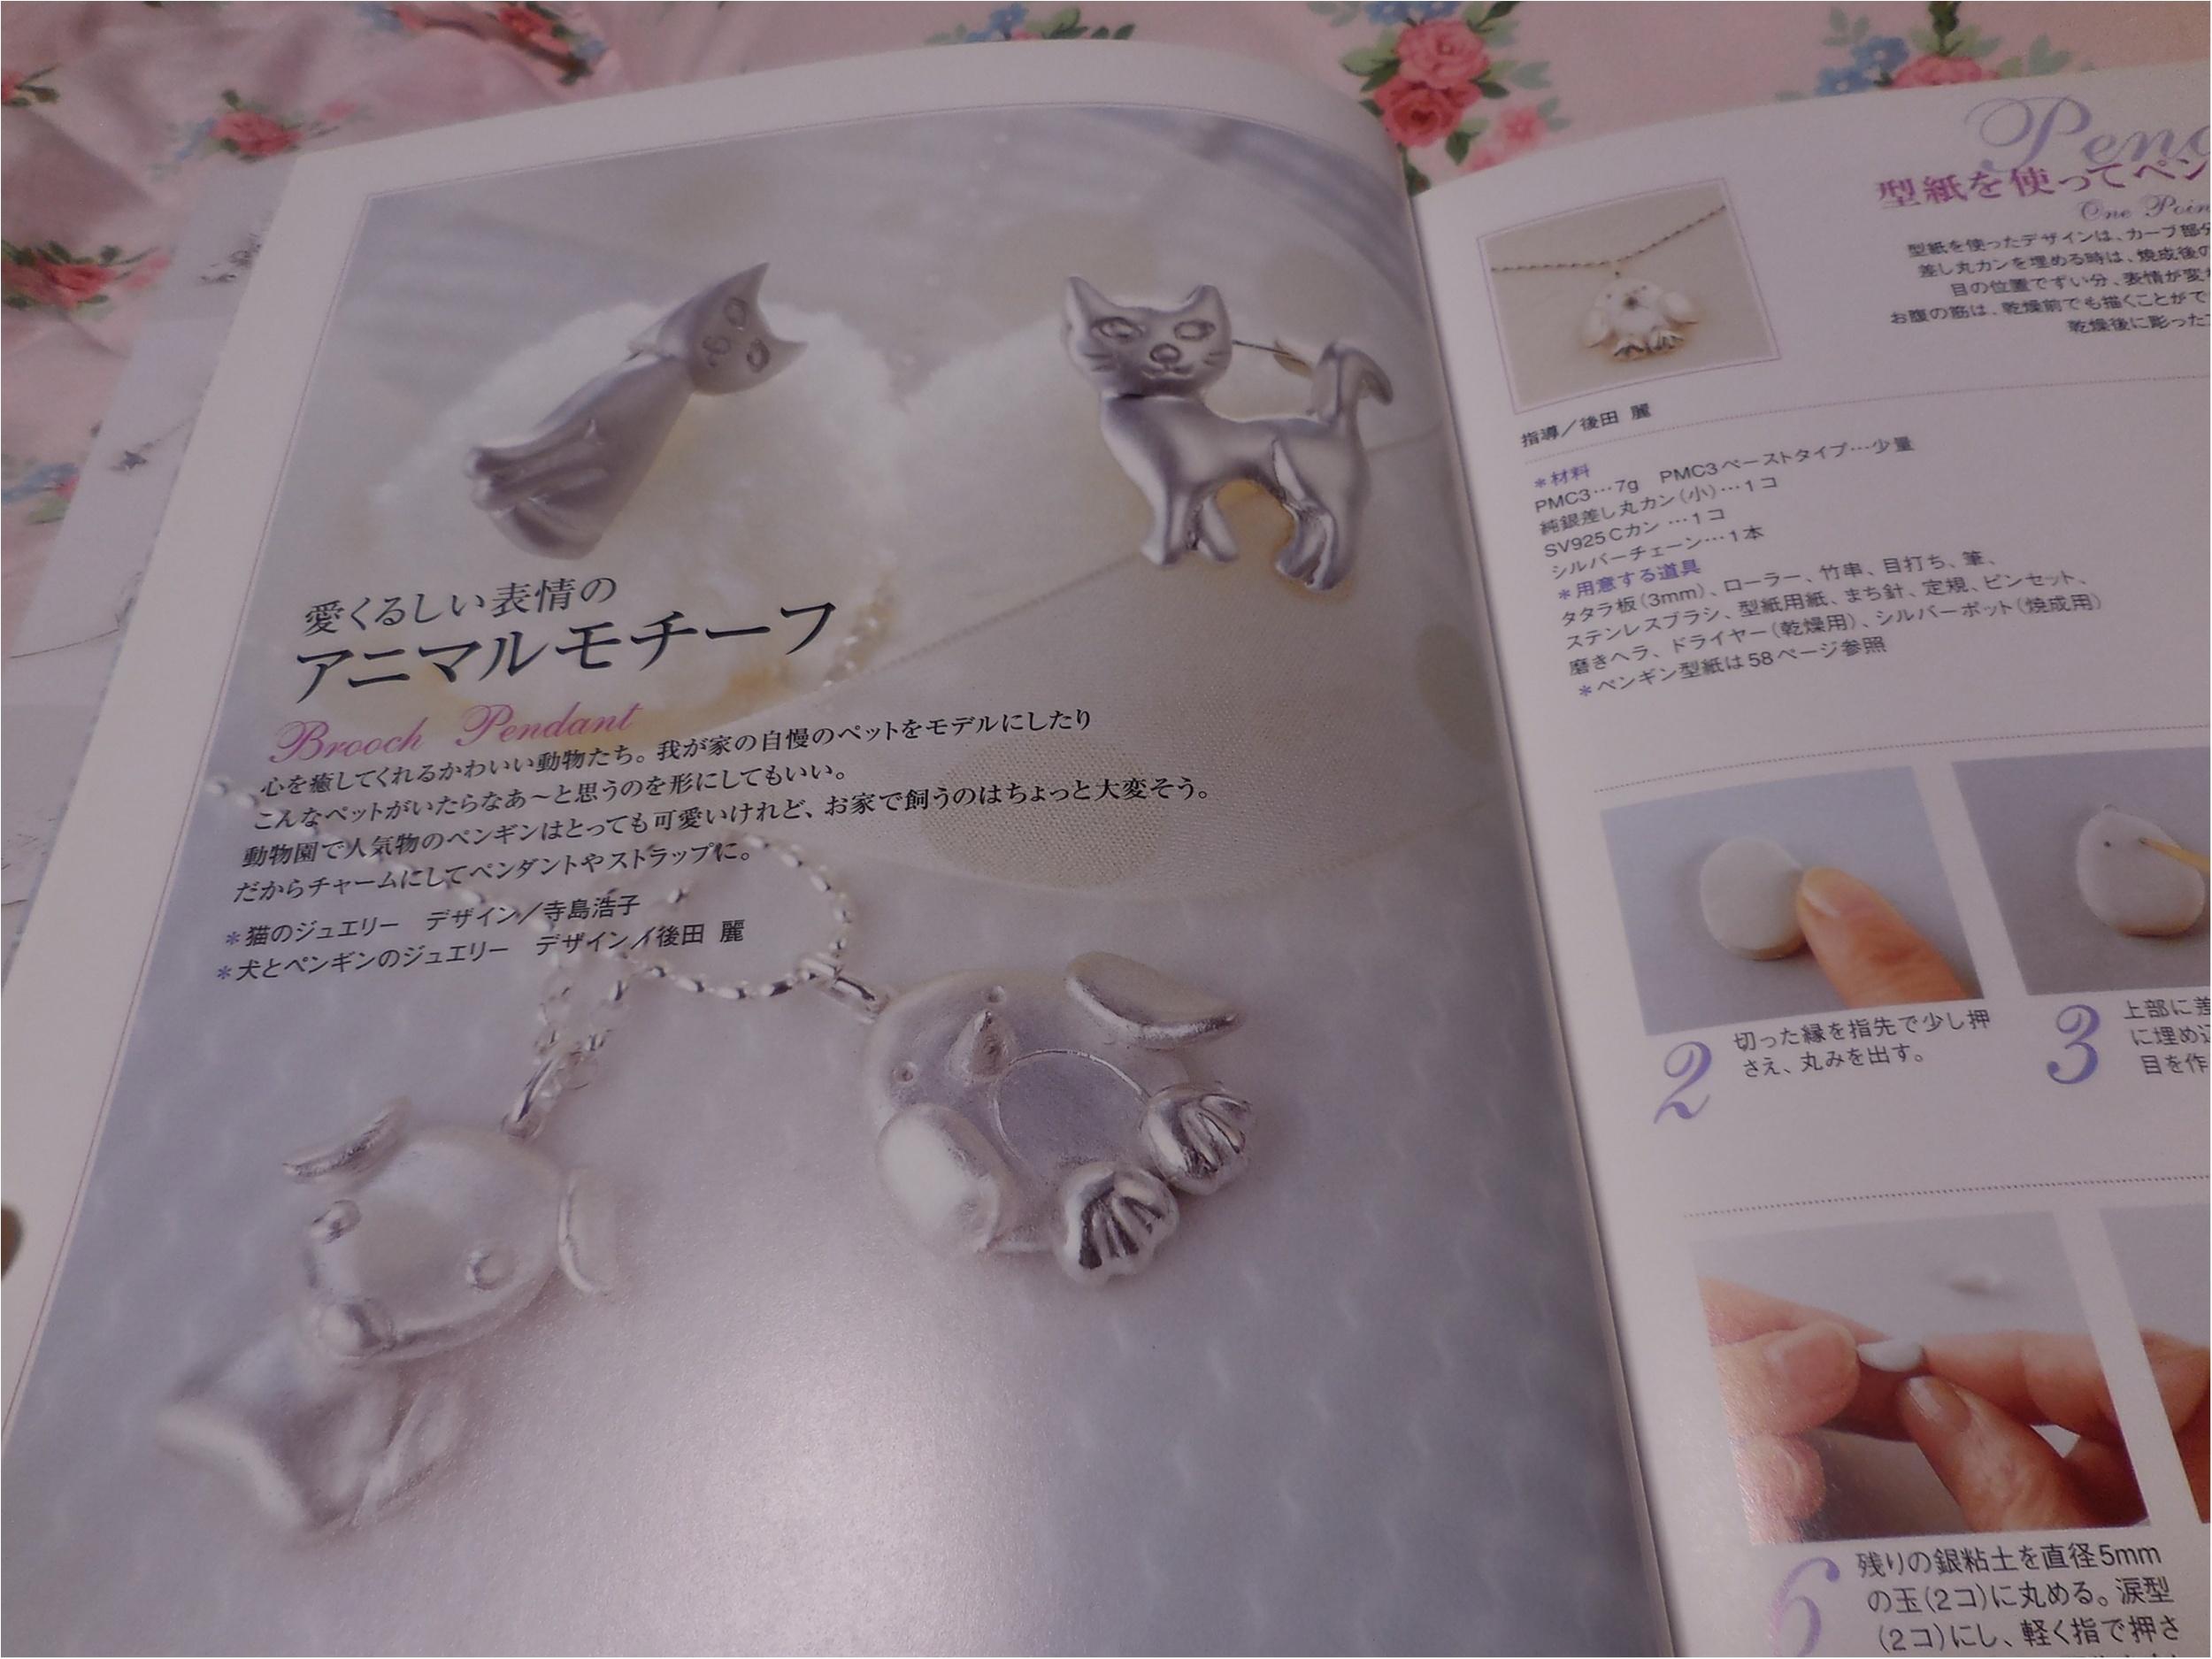 【ケユカ】純銀粘土で作るペンダントワークショップに参加してきました。その後、ネックレスチェーンを通し完成。_2